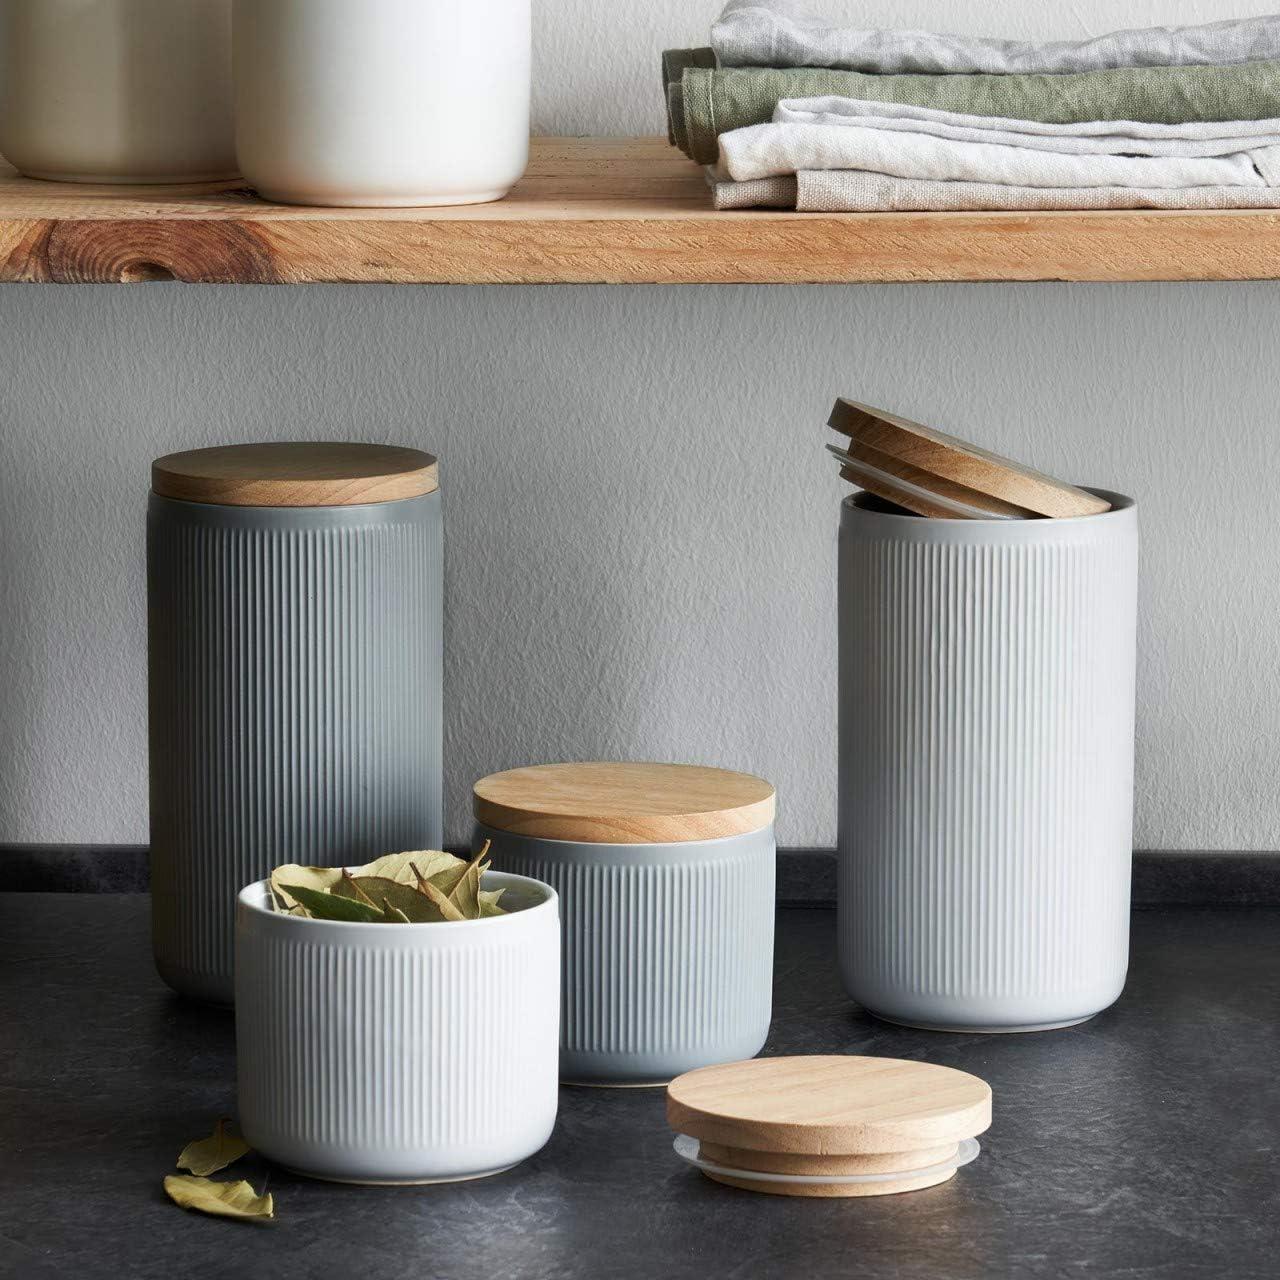 Aufbewahrungsdosen Keramik Vorratsdosen mit Holzdeckel Grau Frischhaltedosen Luftdichter Kautschukholz-Deckel 10,1 x 18,3 cm hellgrau